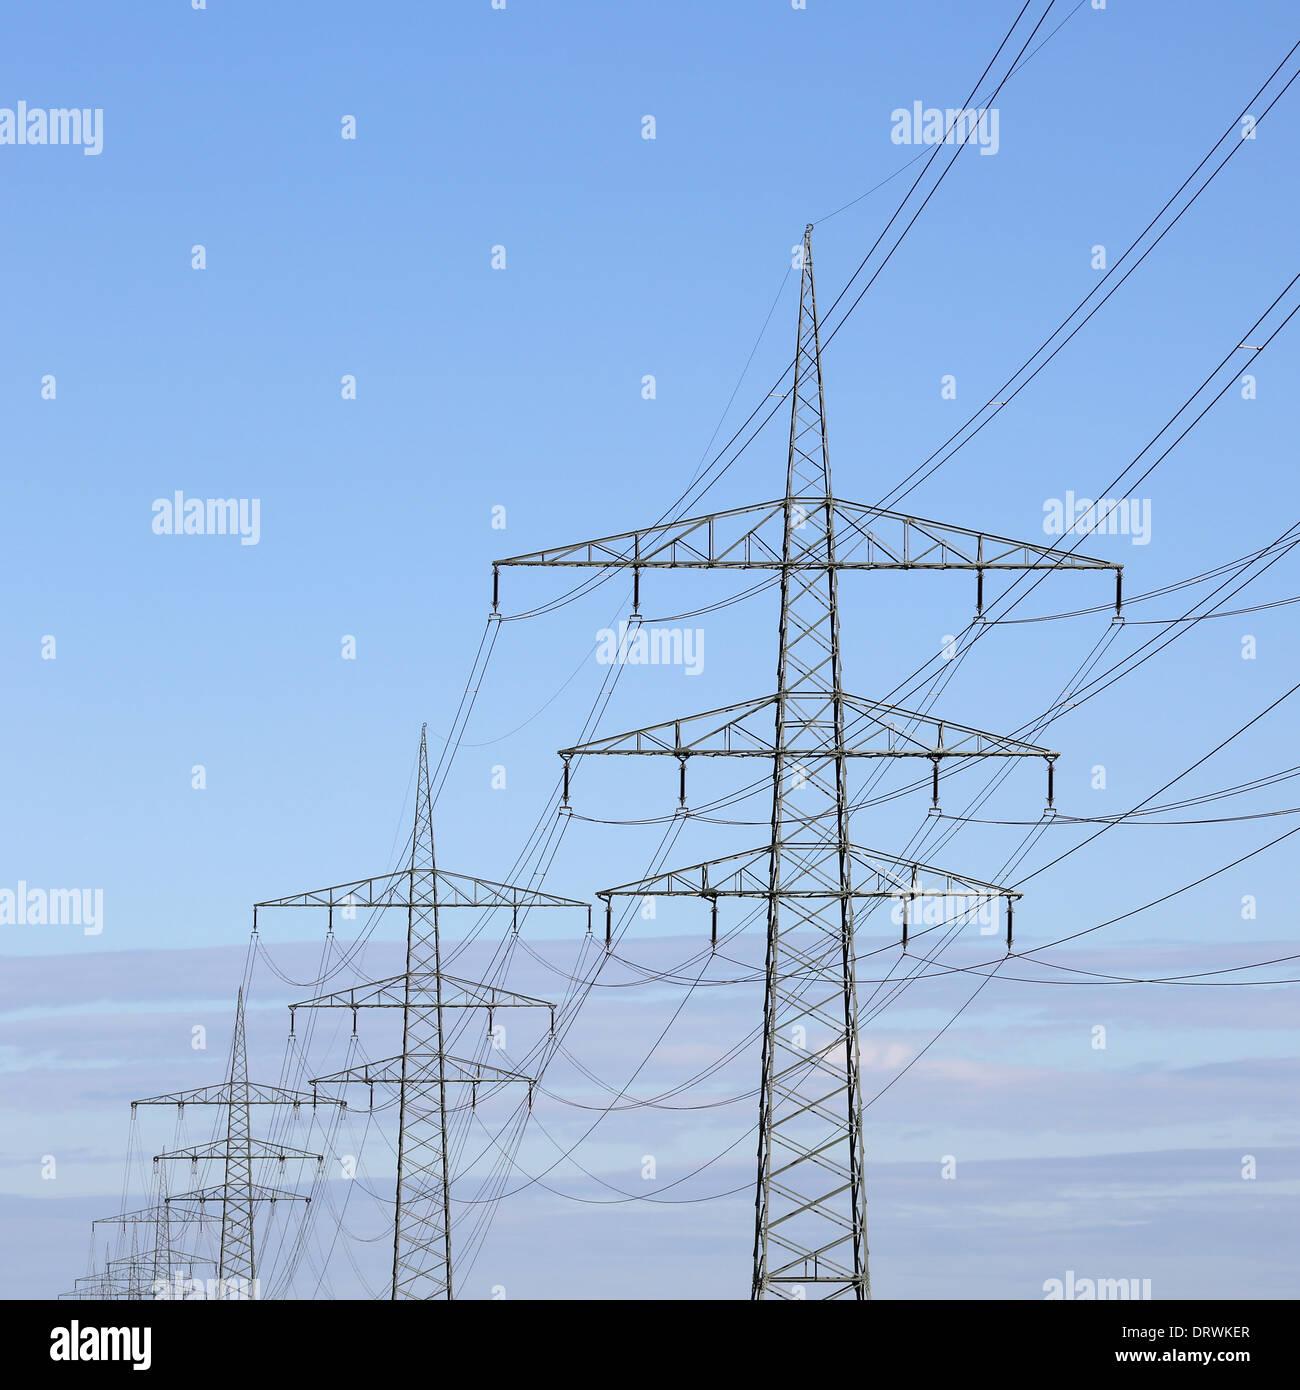 Strommasten gegen blauen Himmel Energie und Power Supply-Thema Stockbild